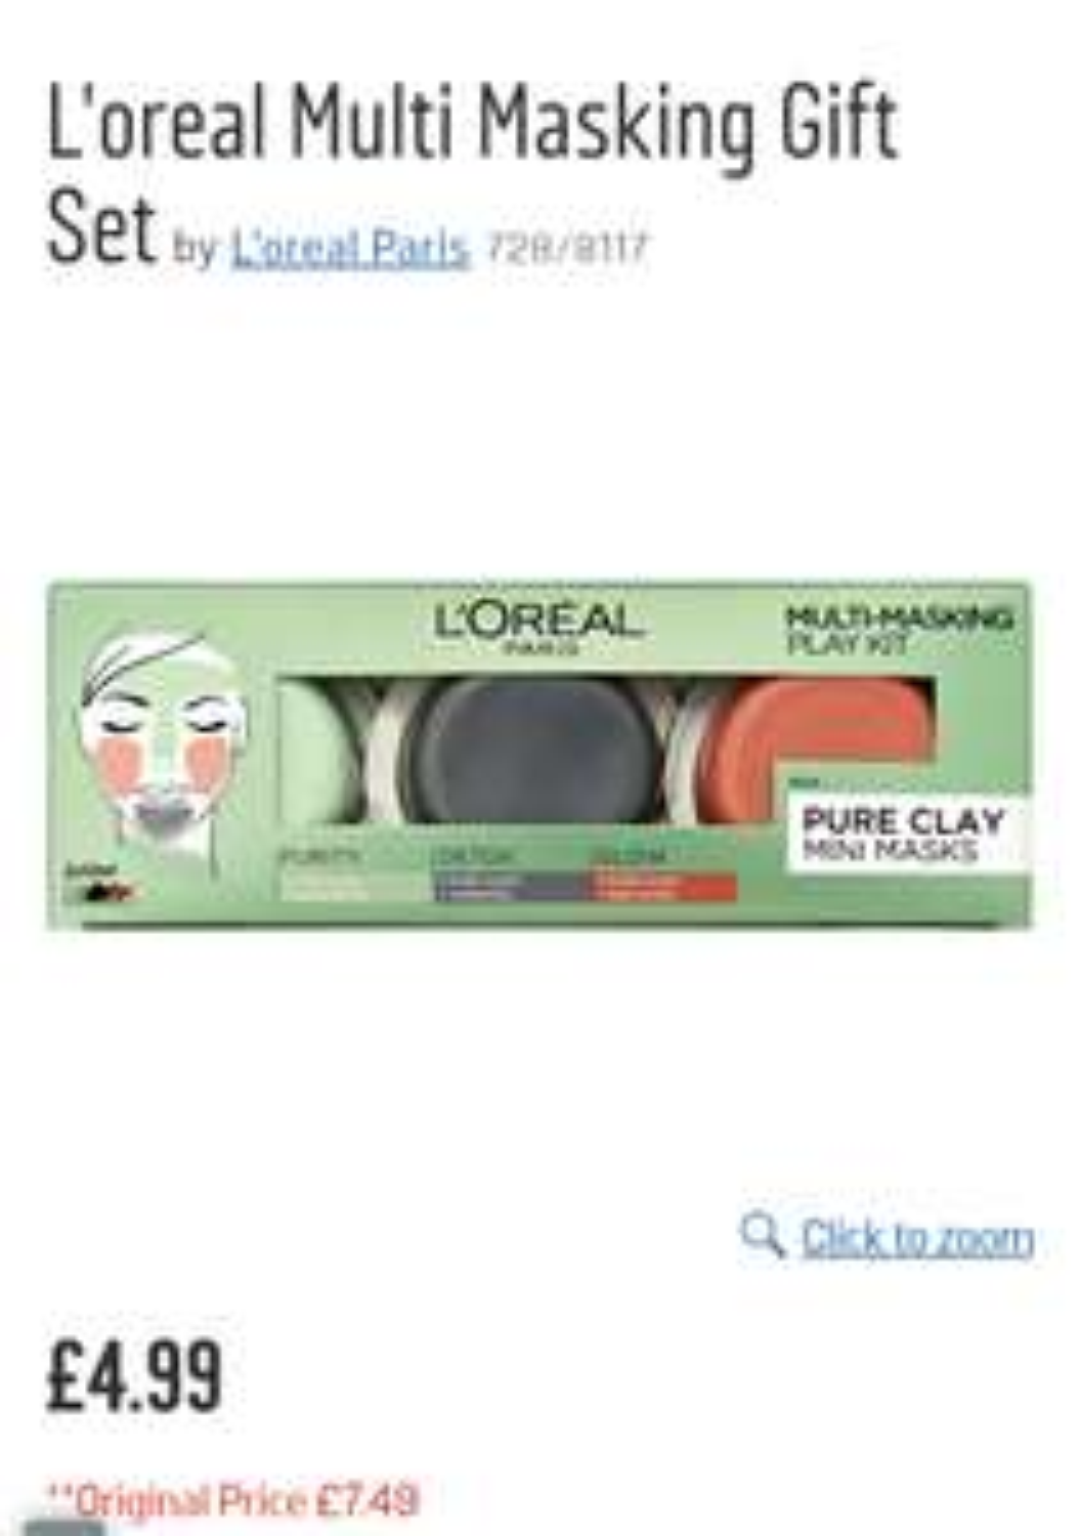 L'oreal Multi Masking Gift Set Now: £4.99 @ Argos